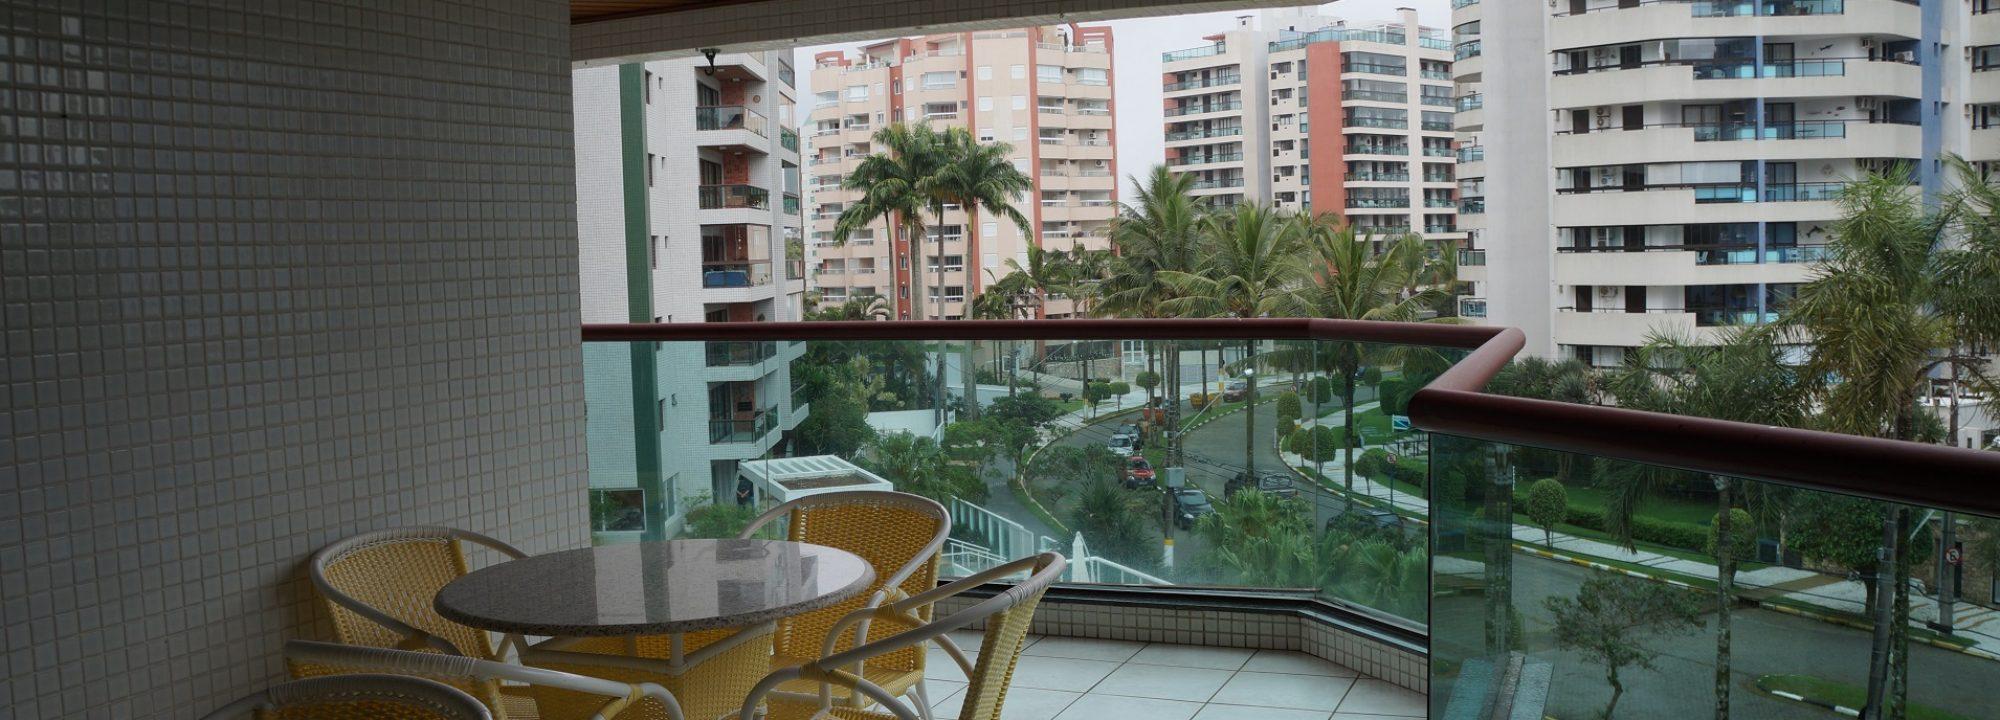 Ótimo apartamento com 4 dormitórios sendo 2 suítes com dependência de empregada